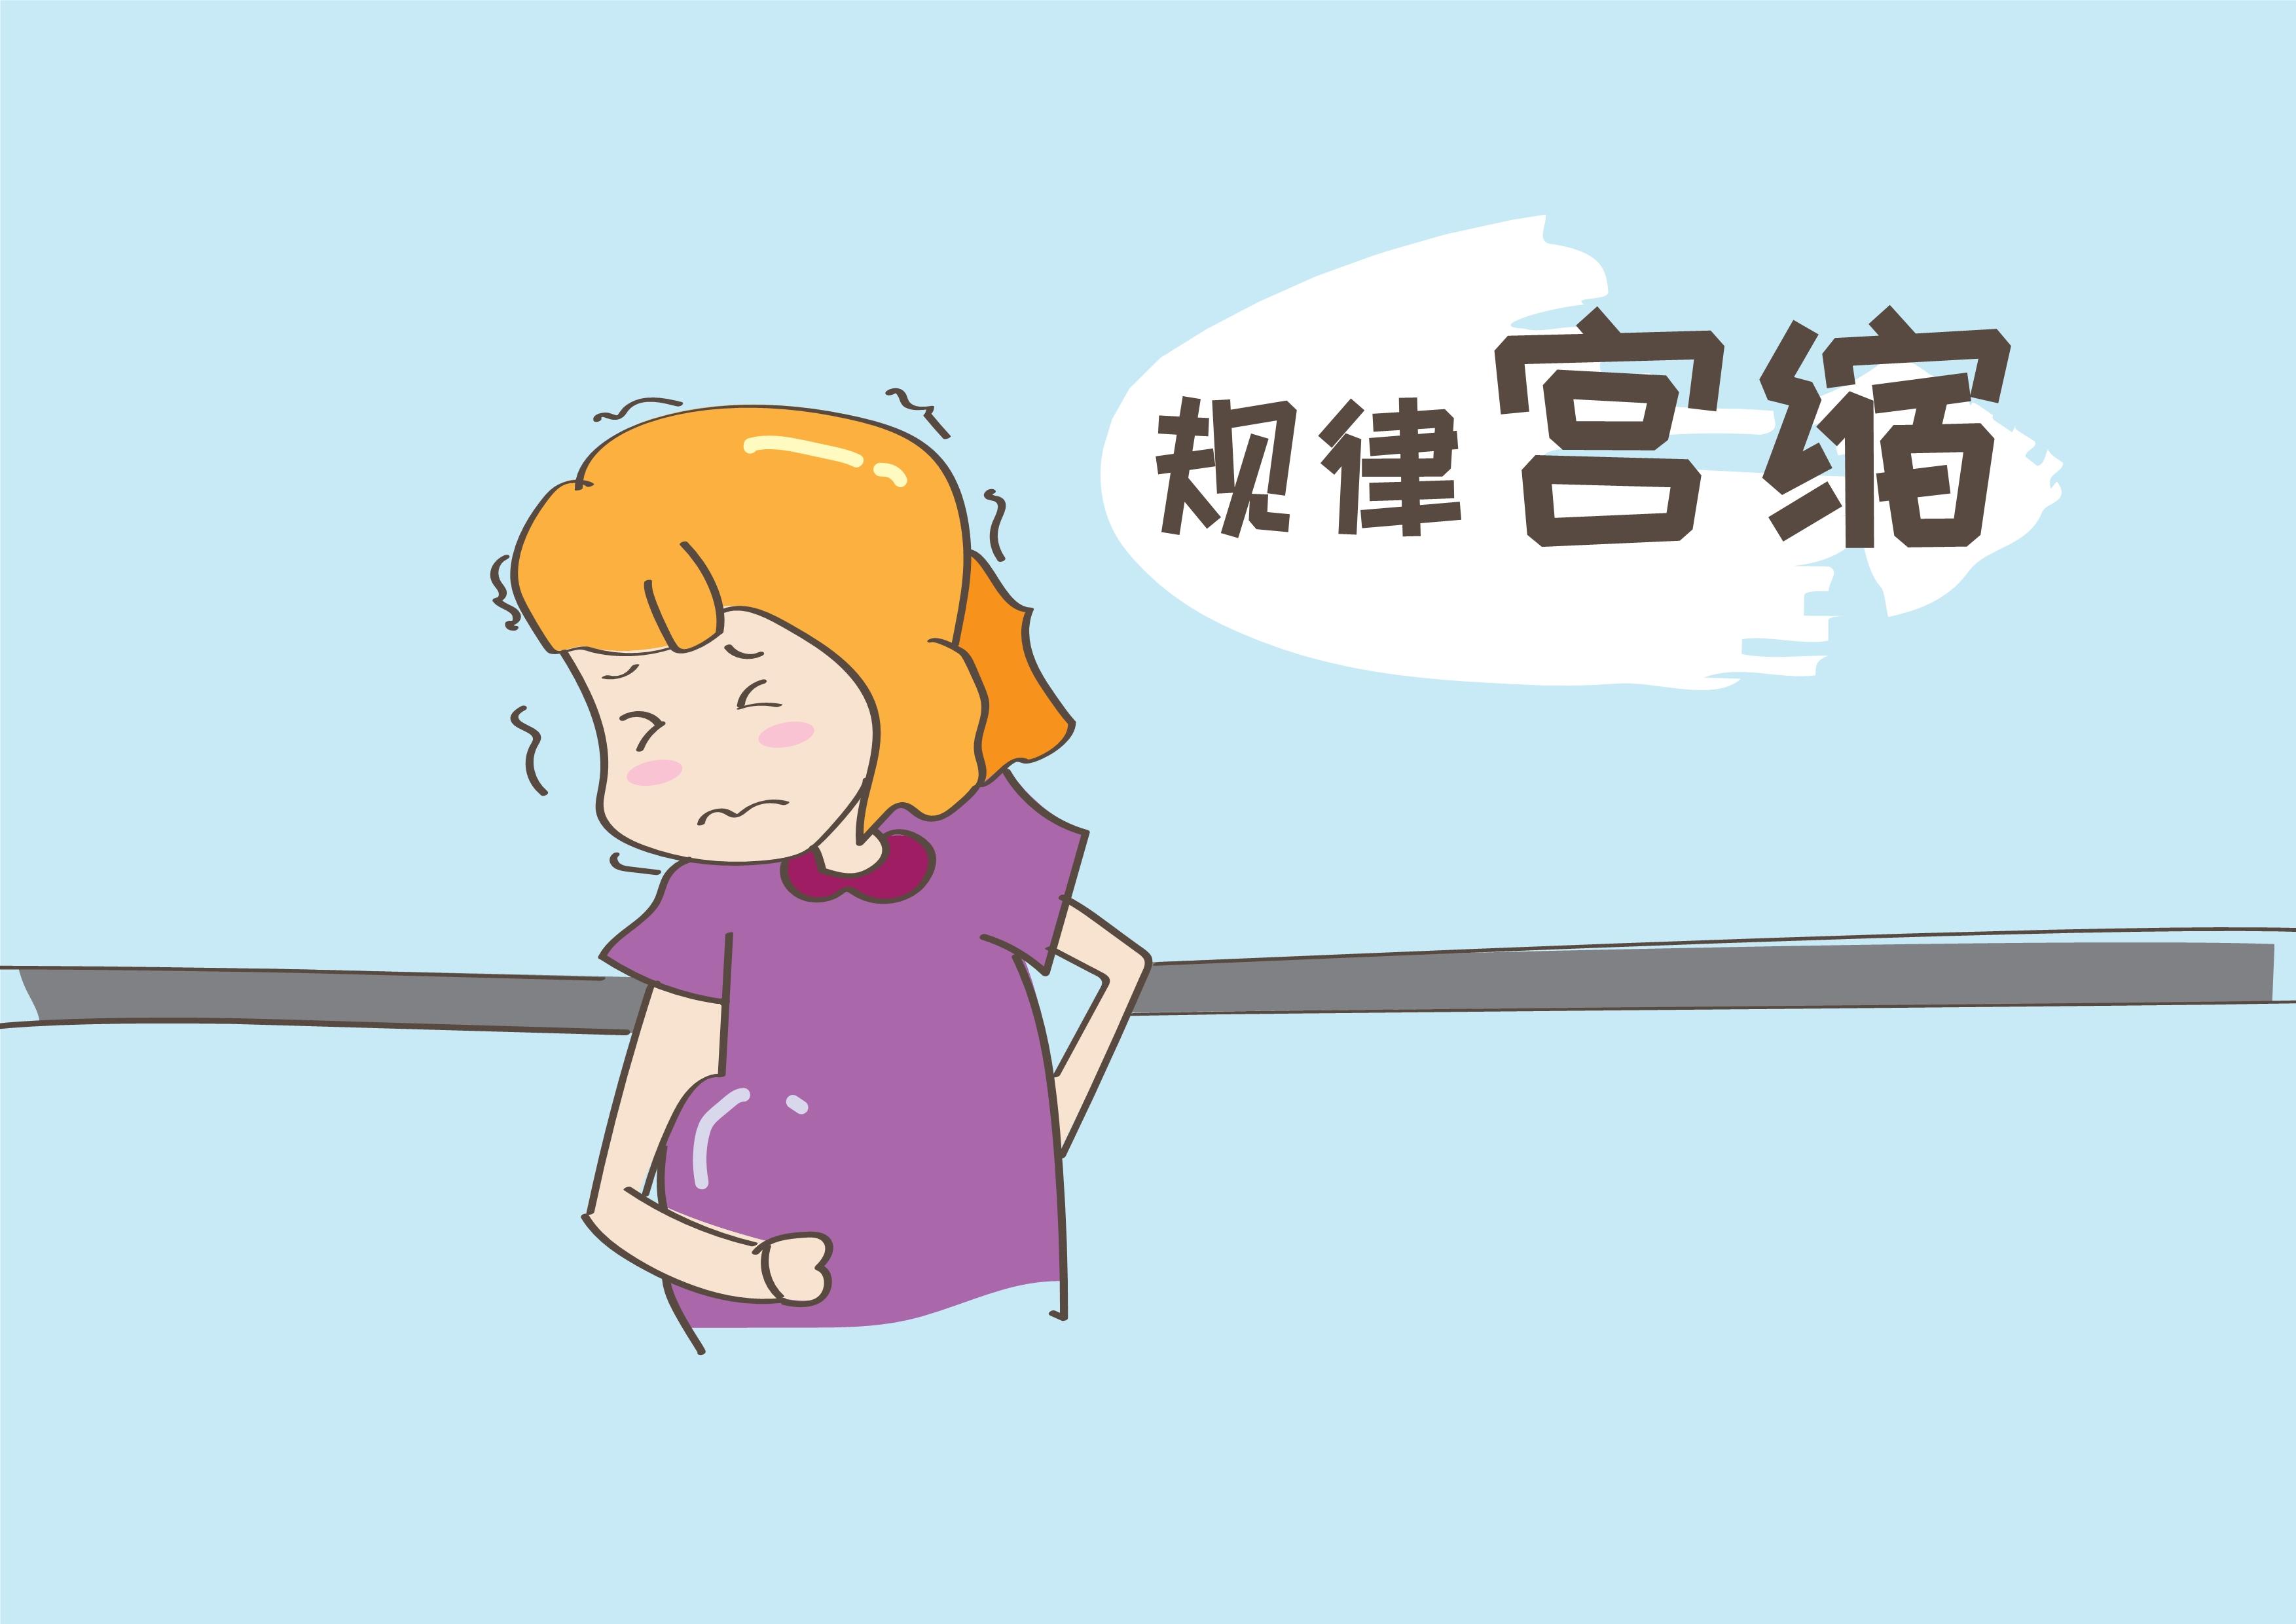 第三:有规律的宫缩   当孕妇出现有规律的宫缩时,这也是临产的表现.